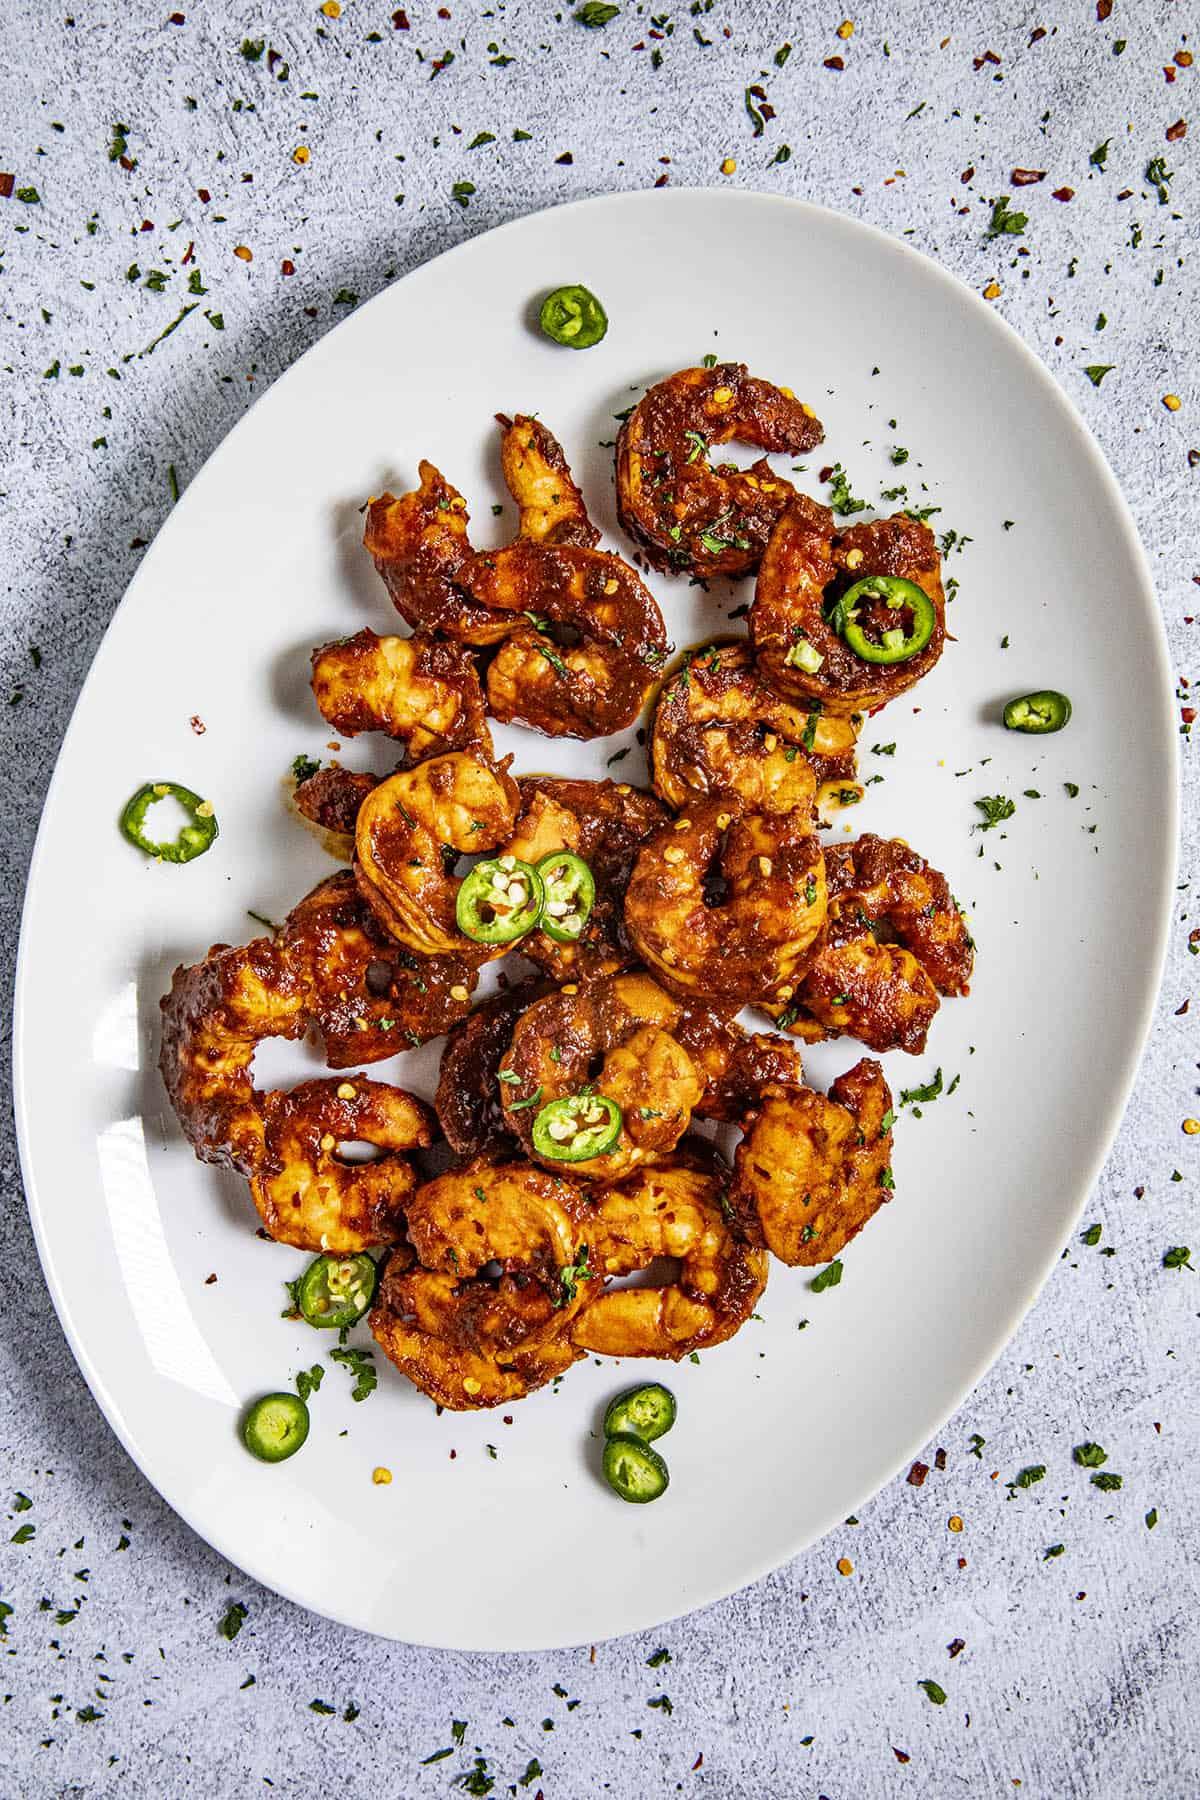 Spicy Diablo Shrimp (Camarones a la Diabla) on a plate